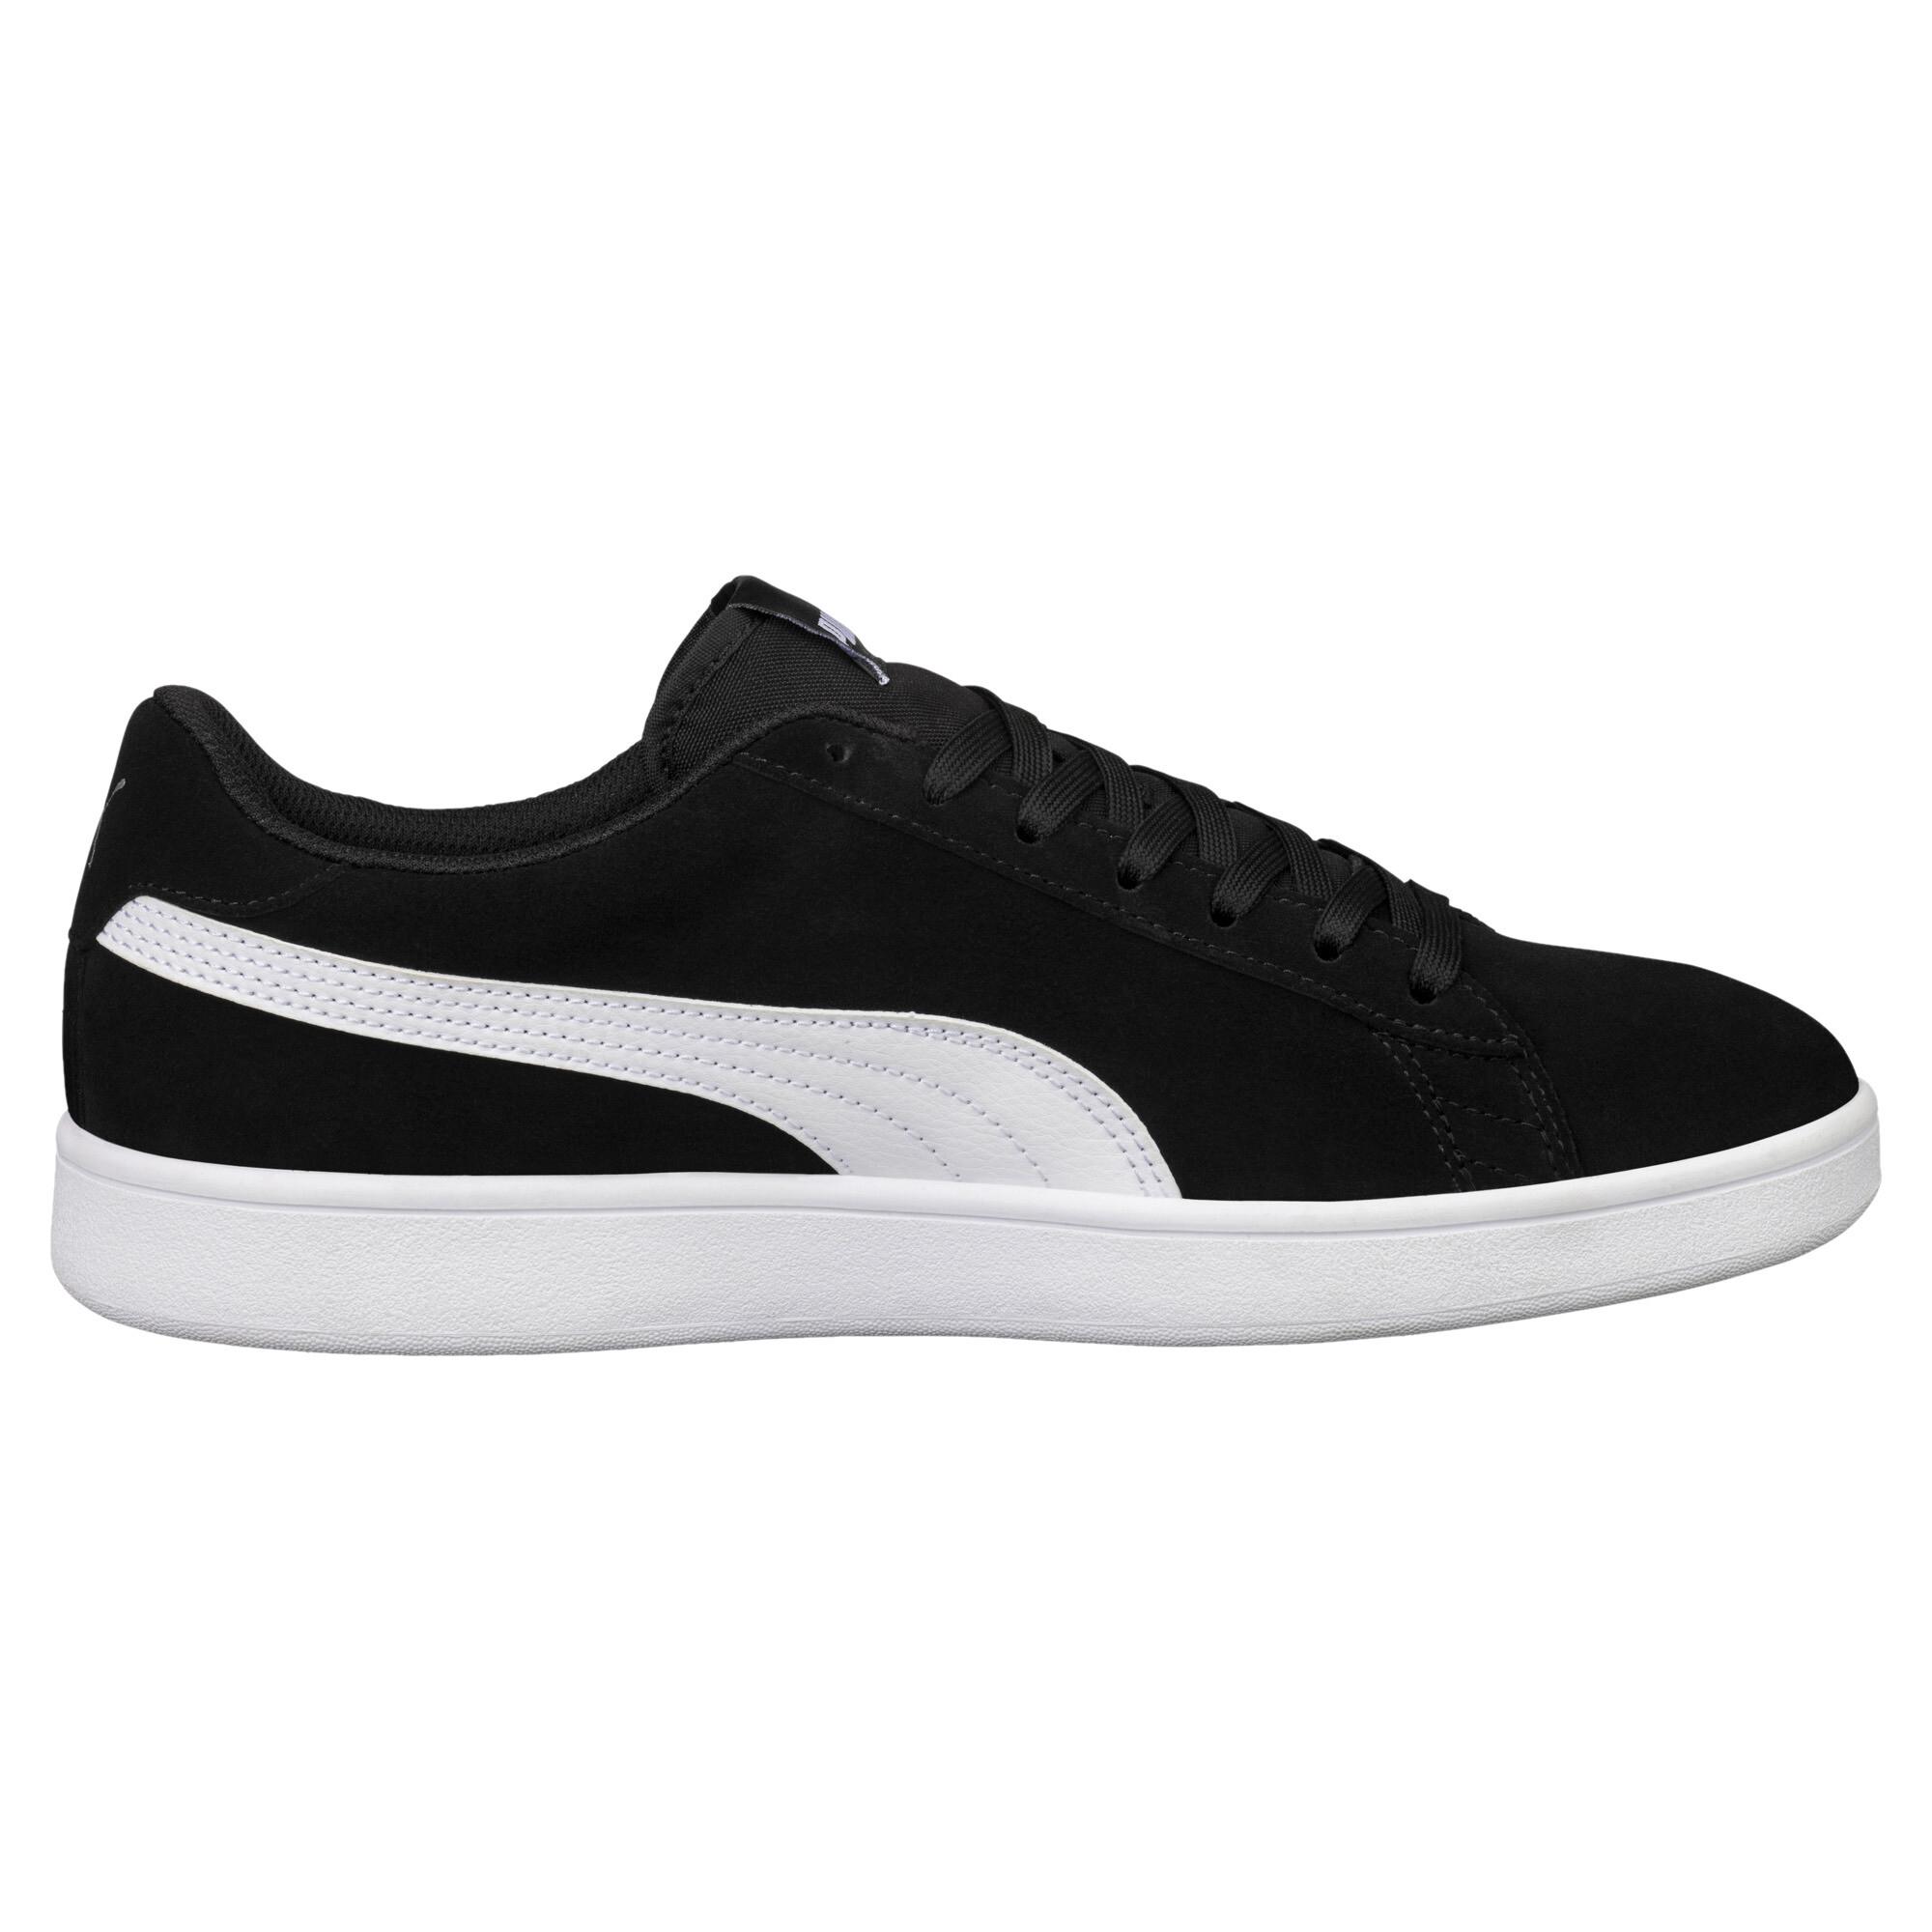 Details zu PUMA Smash v2 Sneaker Unisex Schuhe Basics Neu